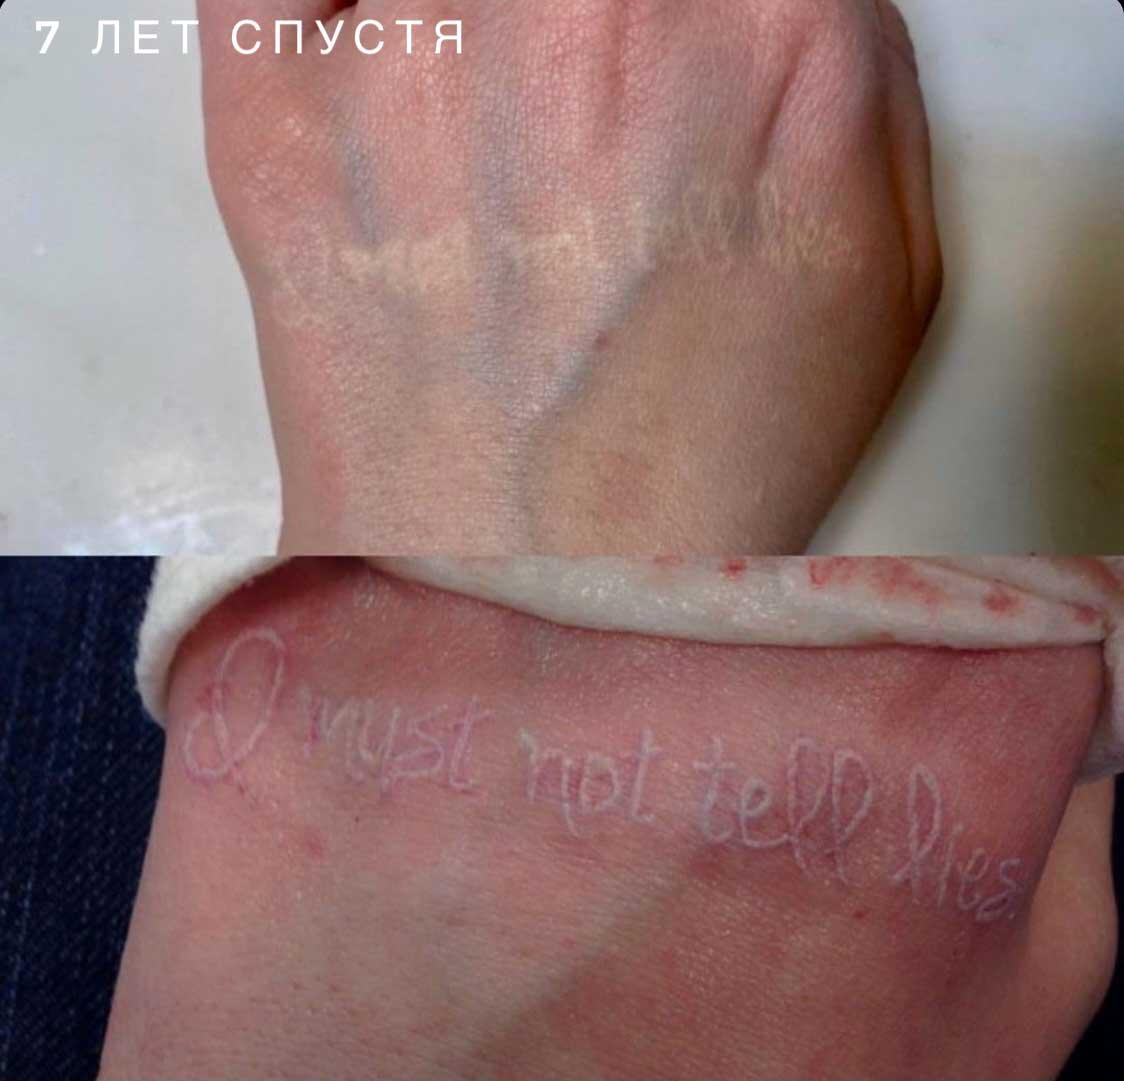 Как выглядят через время белые татуировки